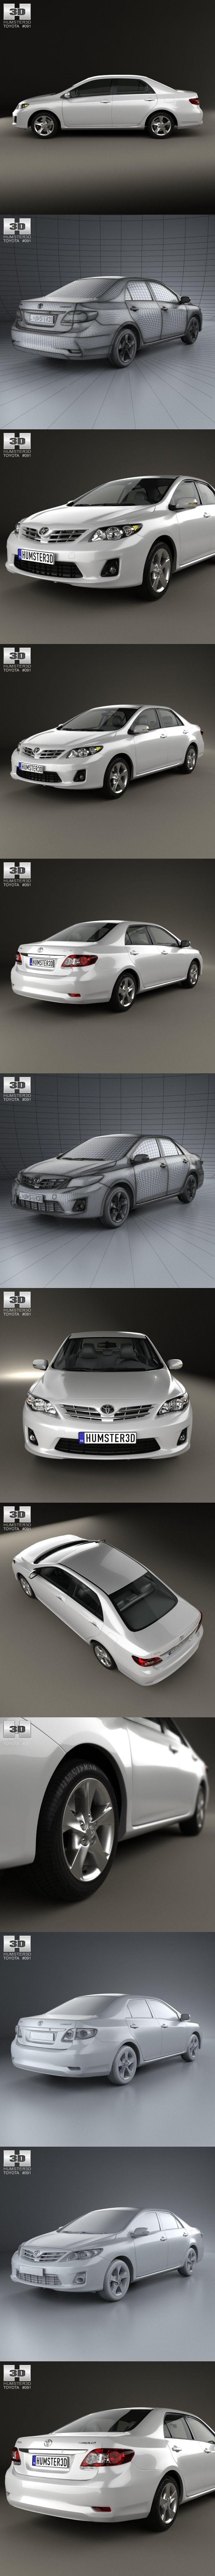 Toyota Corolla (E140) sedan EU 2012. Europe #toyota #toyotacorolla